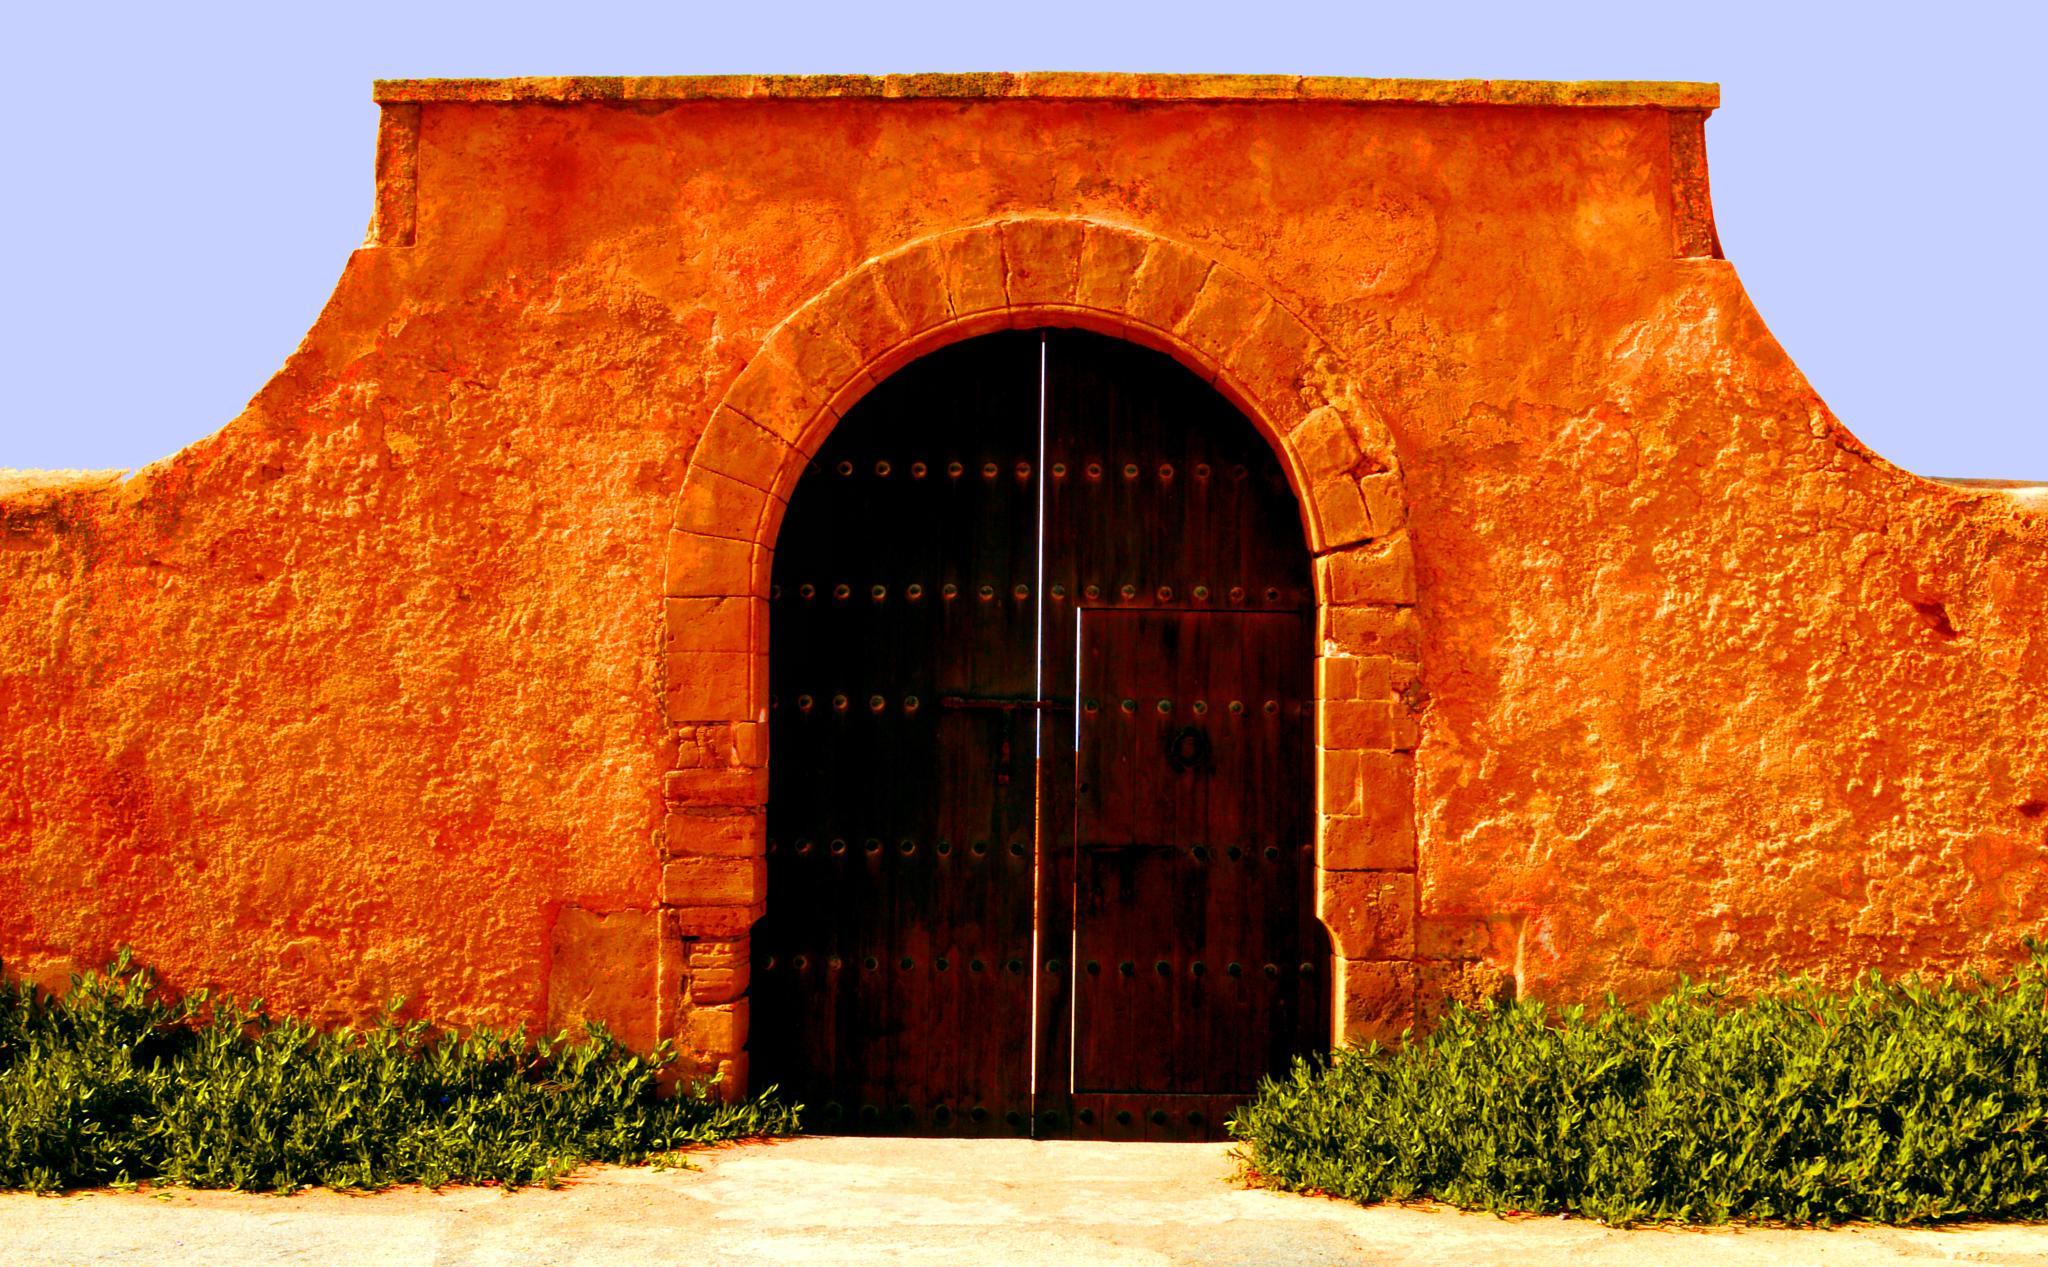 A Wall, A Door. Kasbah Des Oudaias by Merouane Benabdelkrim